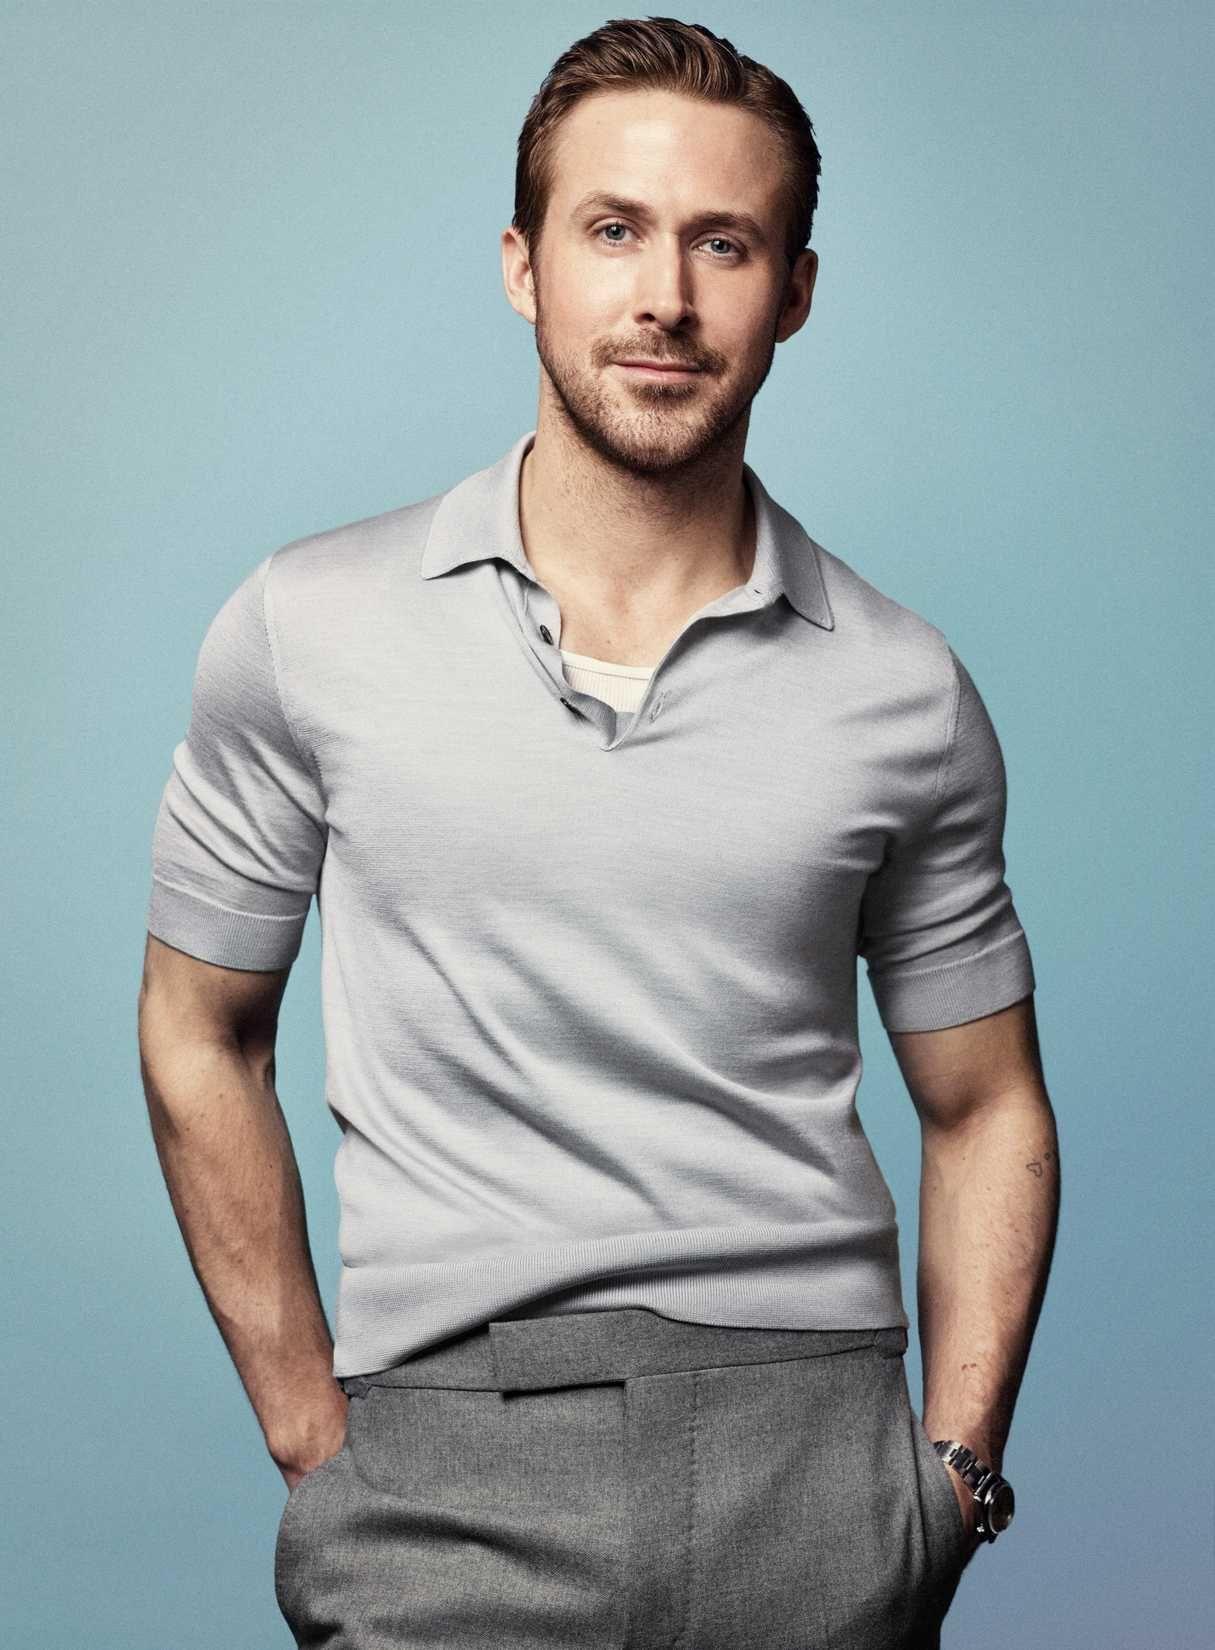 e34b996b7644 Ryan Gosling – GQ Photoshoot 2016